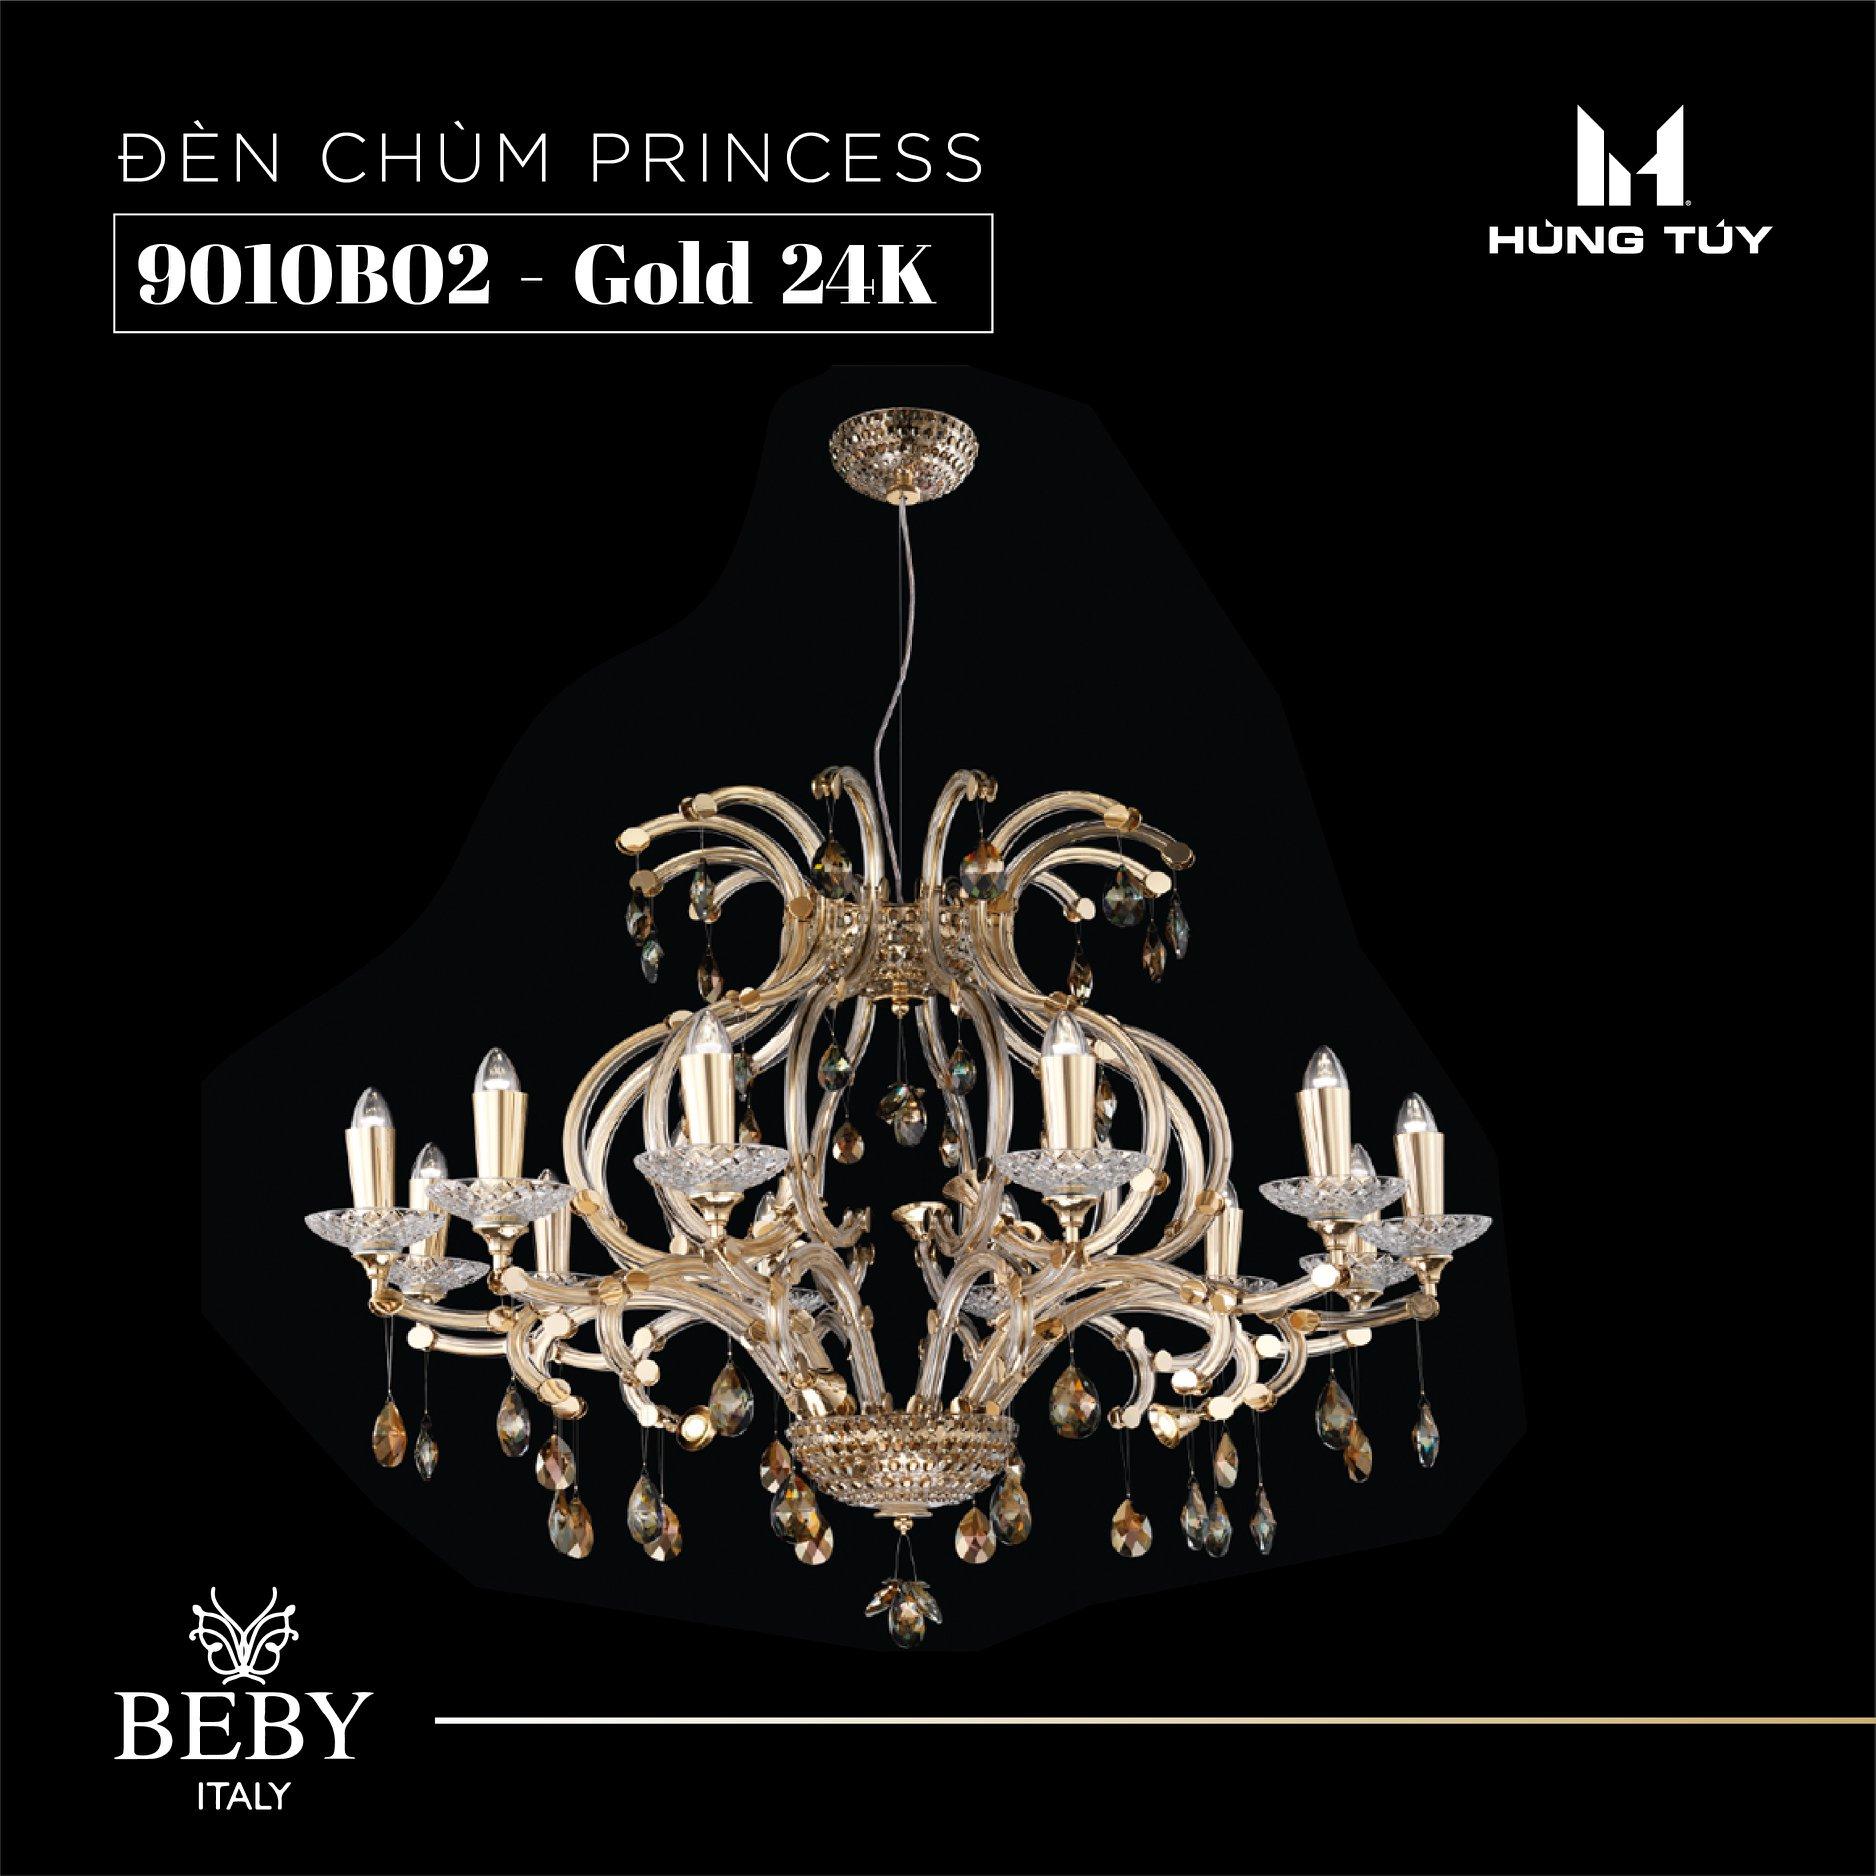 Đèn chùm 90010B02 - Gold 24k